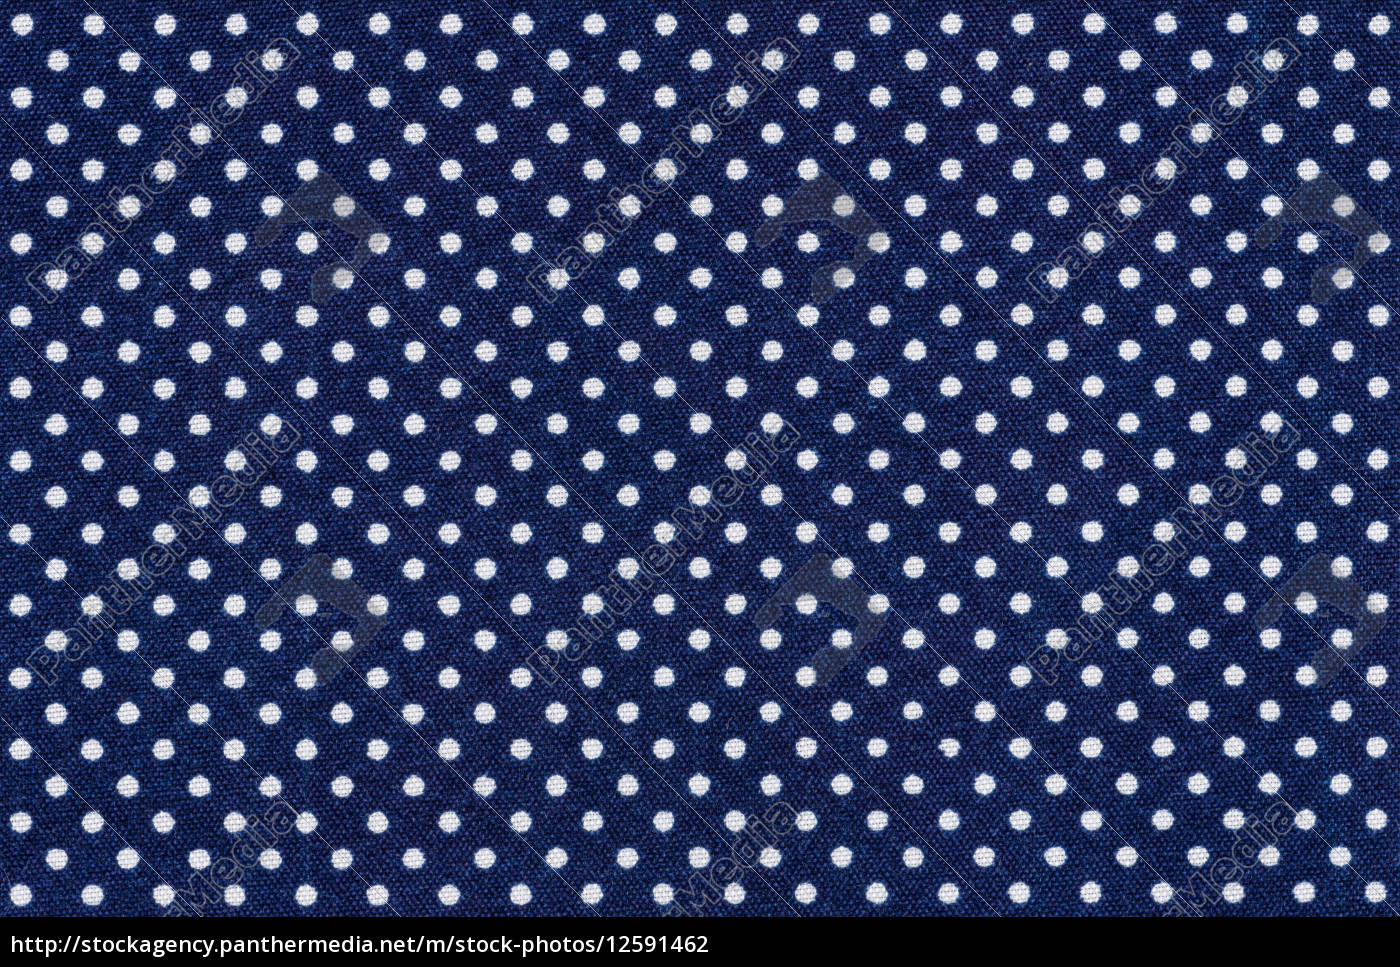 Blauer Stoff Mit Weissen Punkten